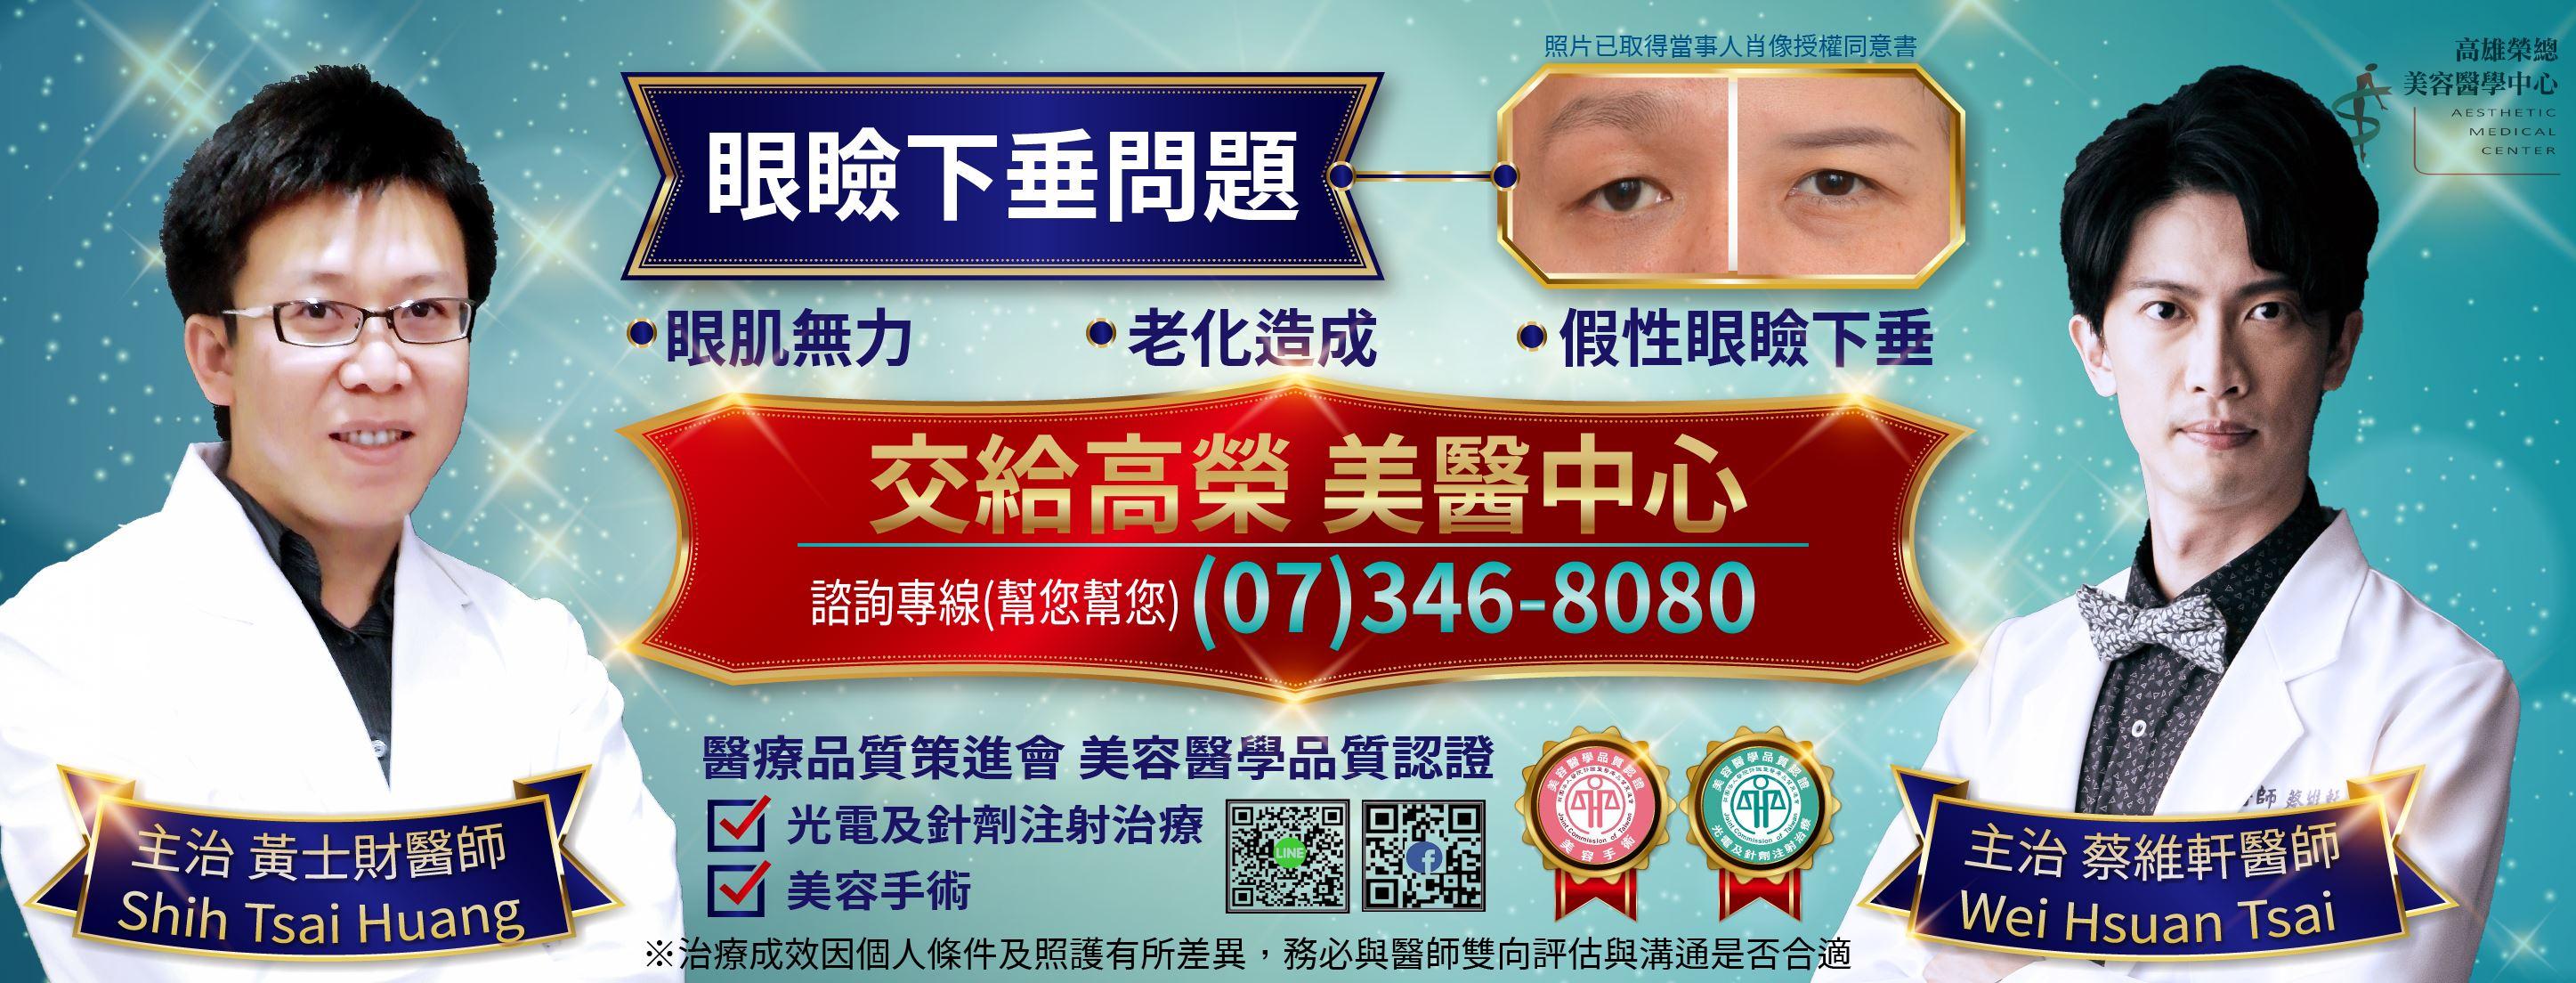 10905[美容醫學中心] - 眼瞼下垂(圖片)